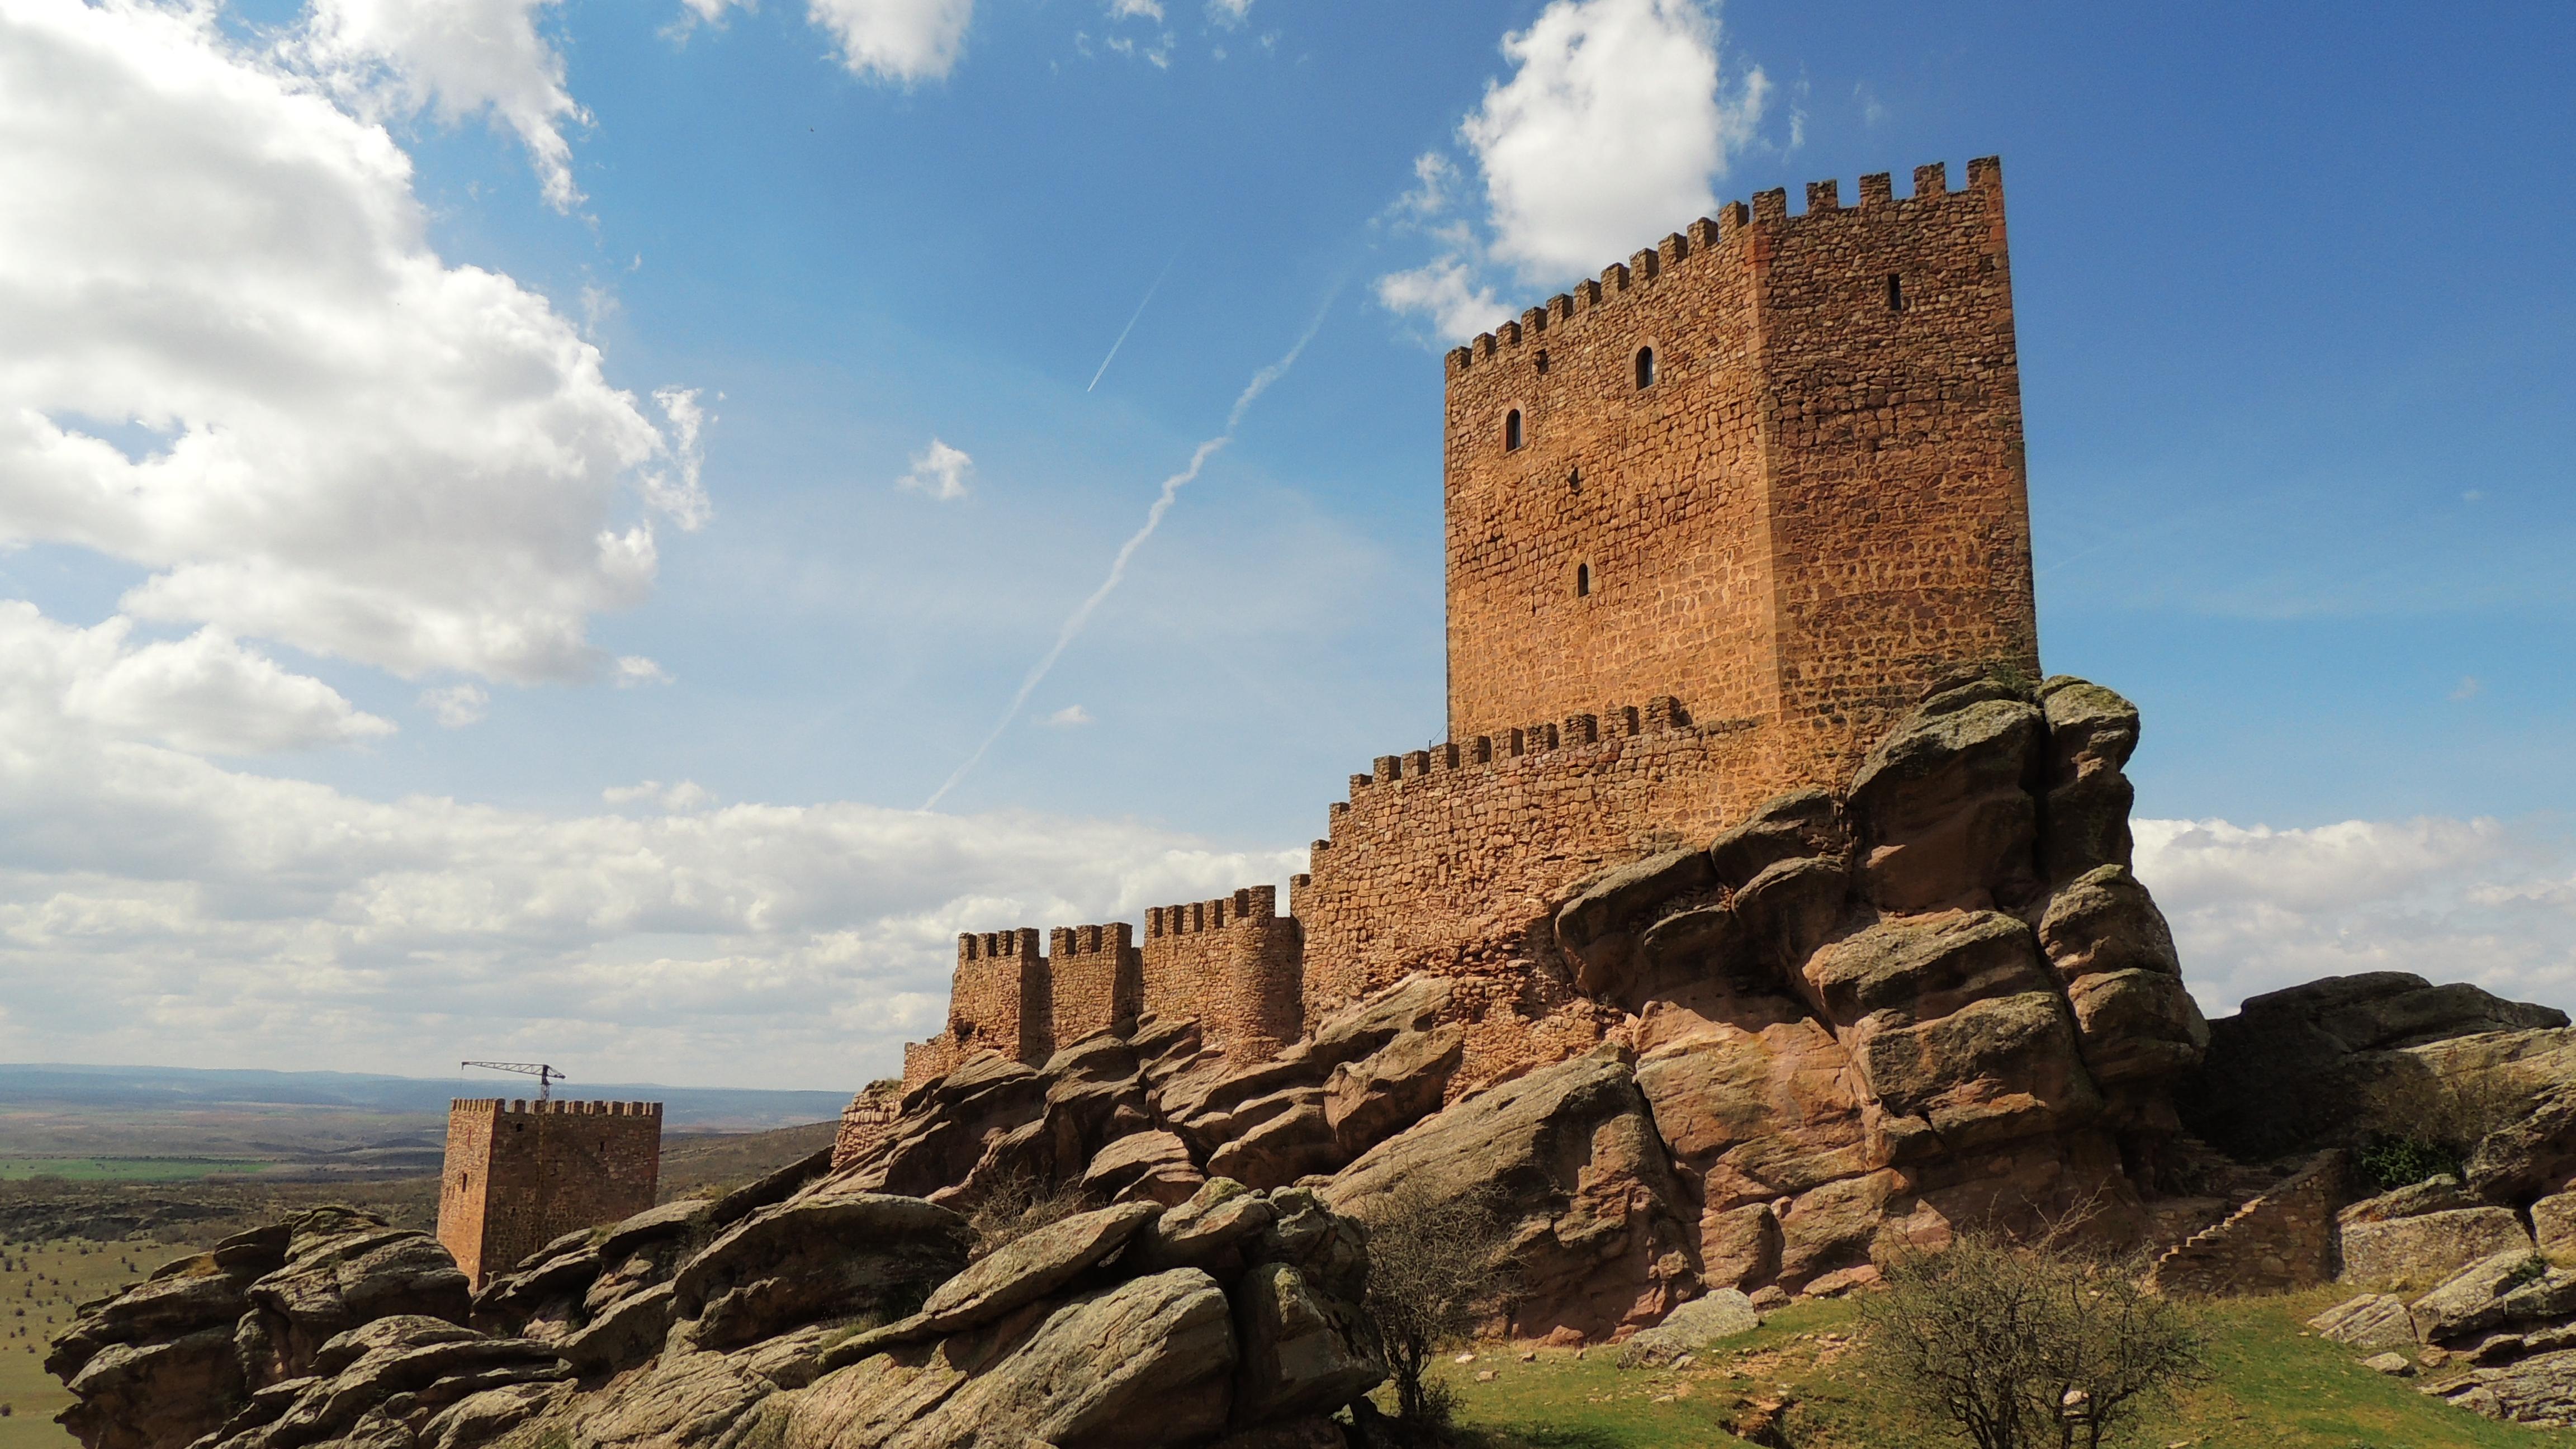 Localizaciones juego de tronos - Castillo de Zafra Juego de Tronos